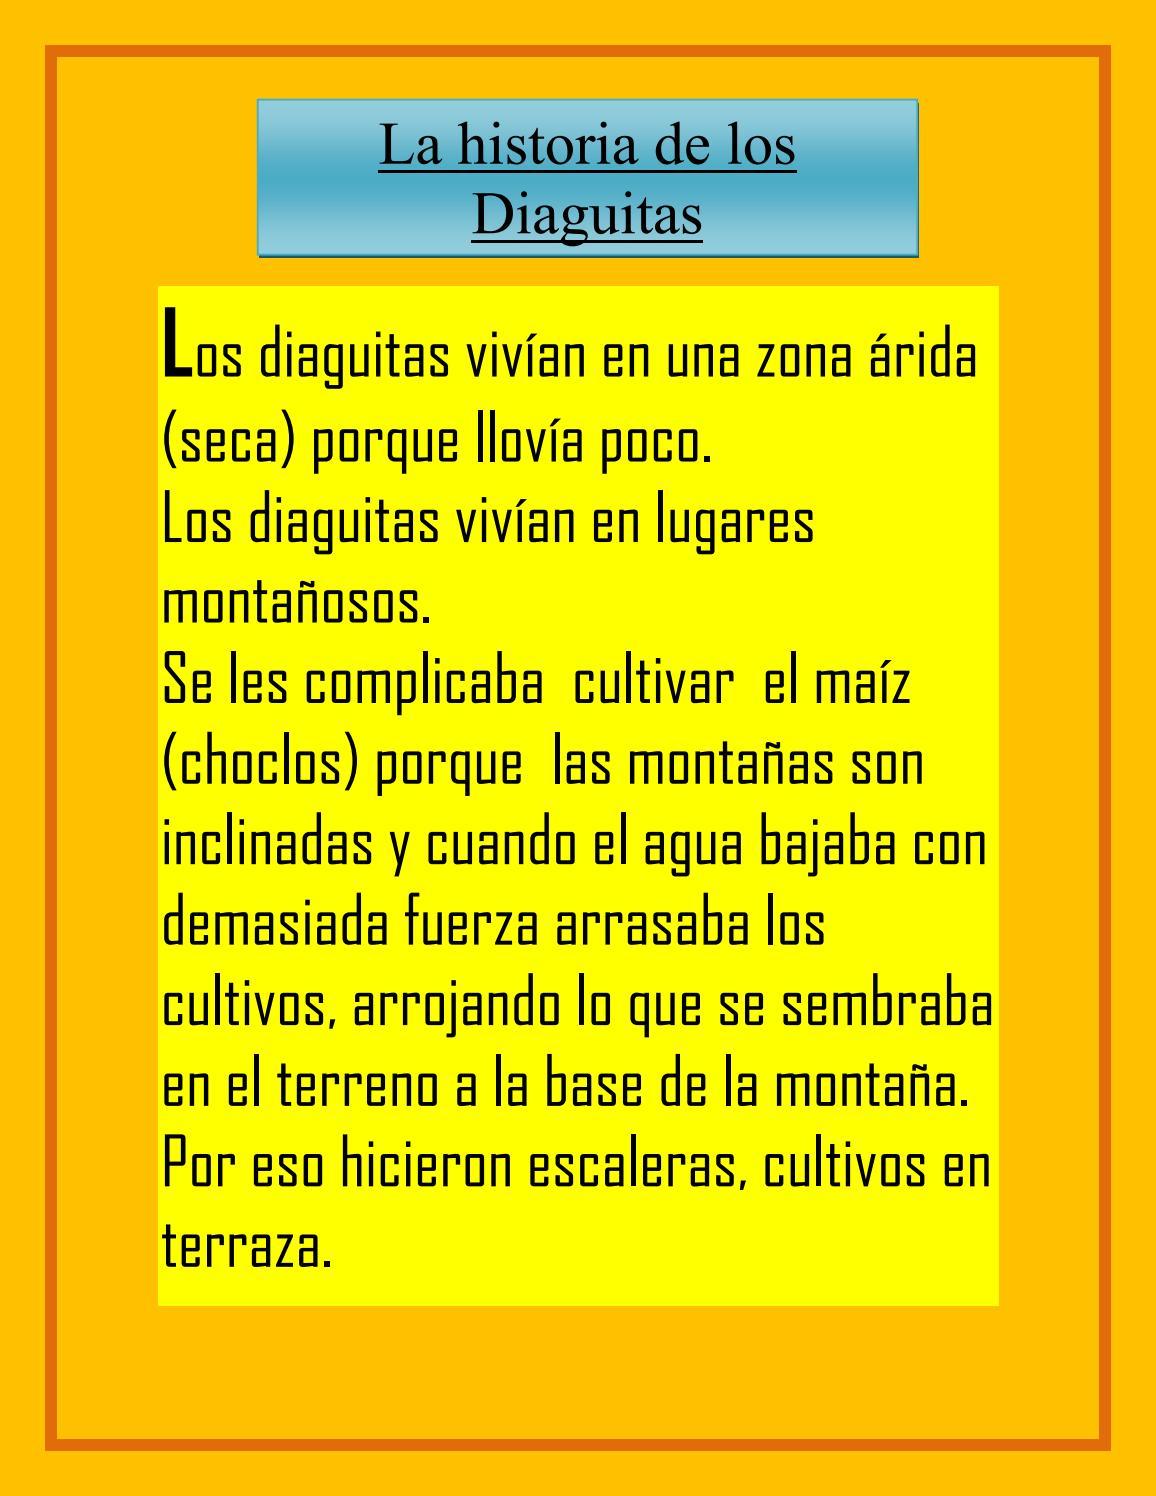 Cómo Vivían Los Diaguitas 1 By Romina Issuu